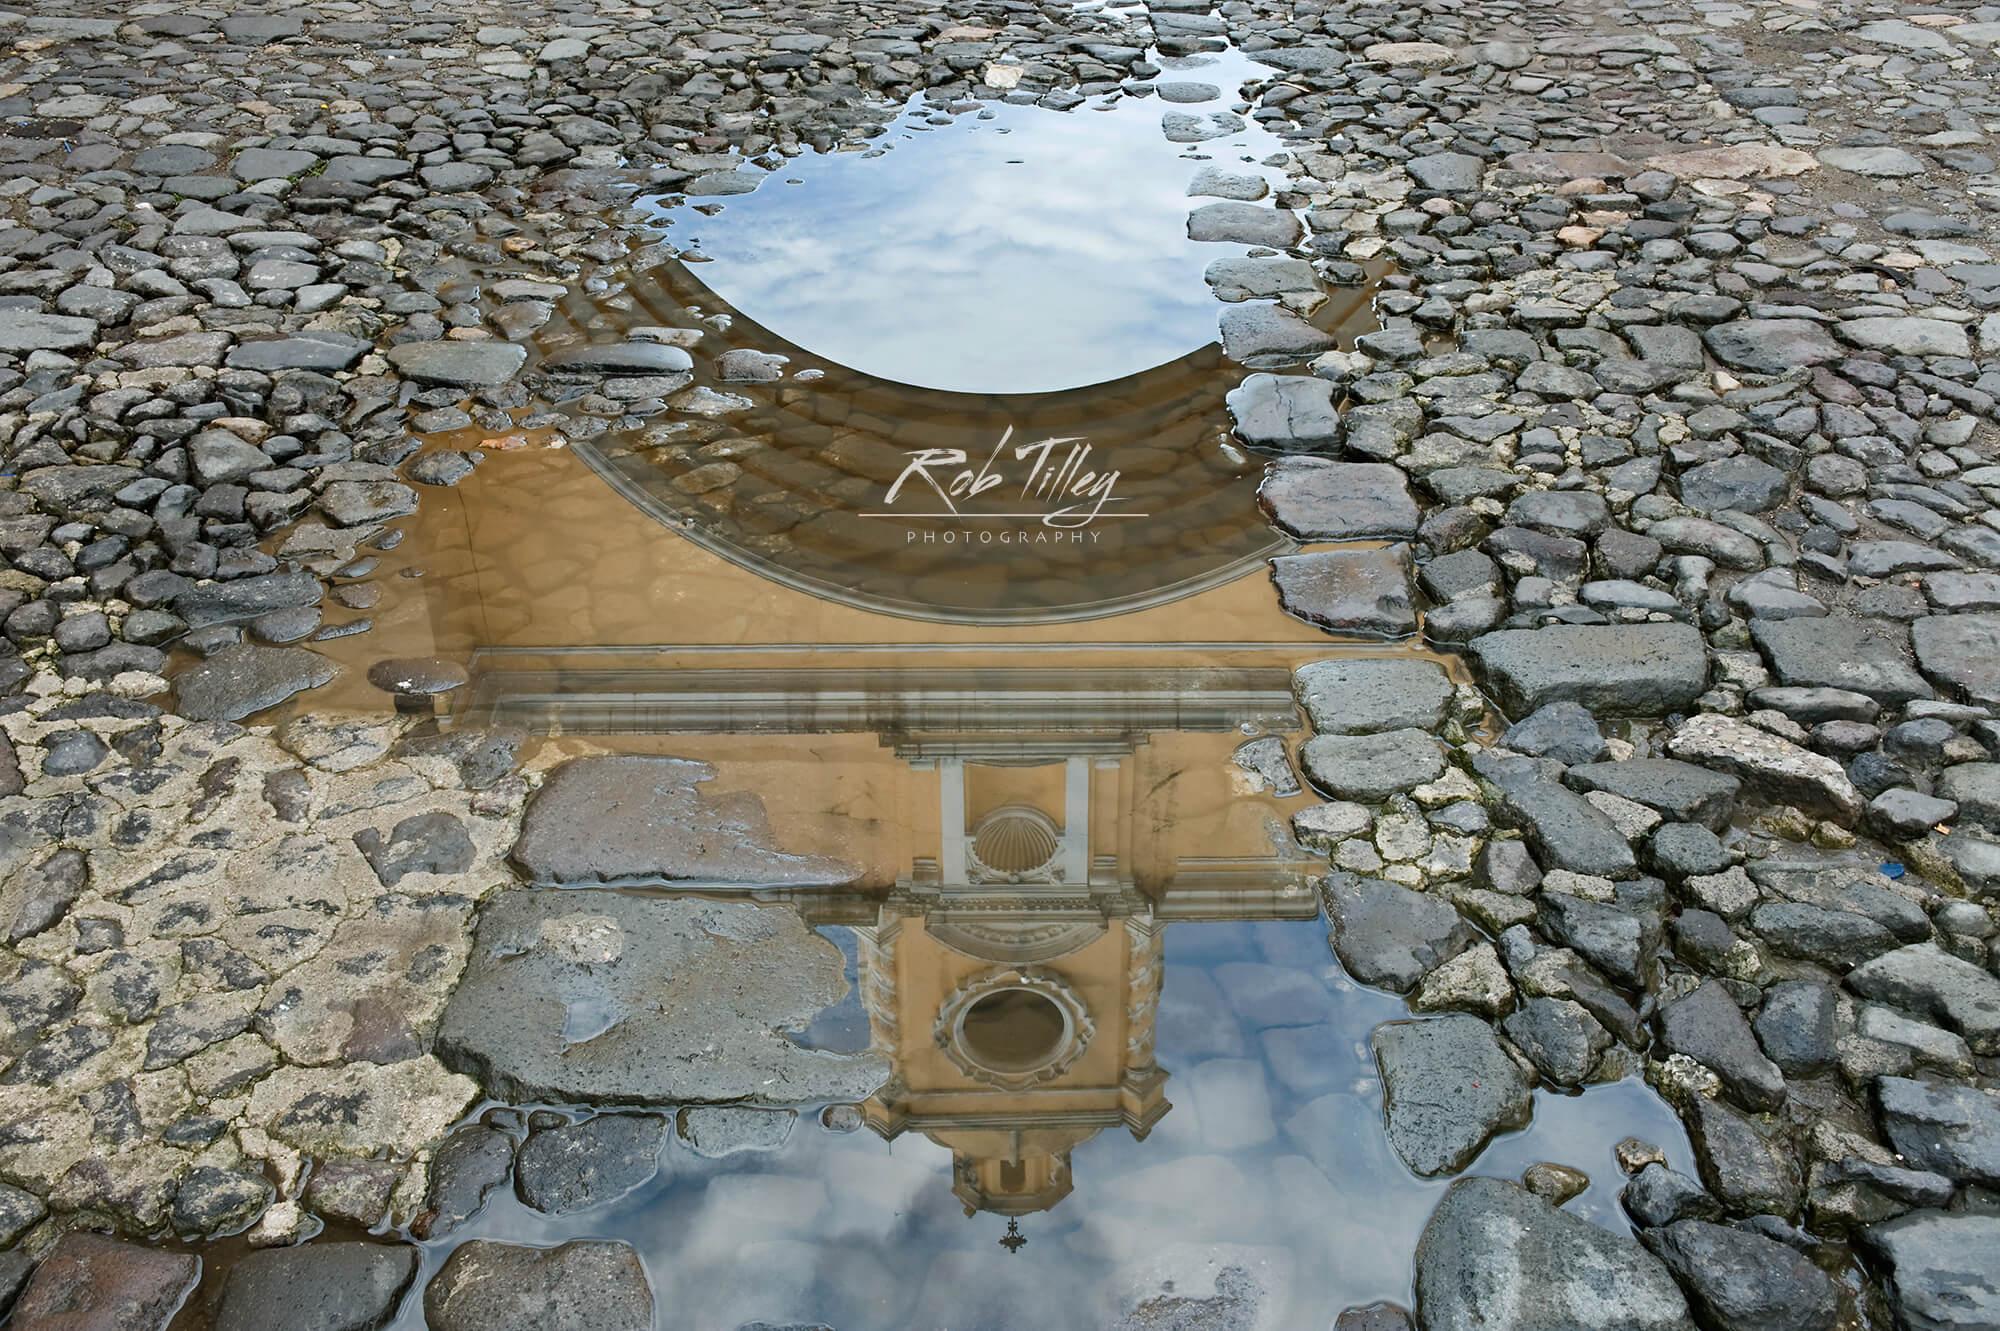 El Arco Reflection